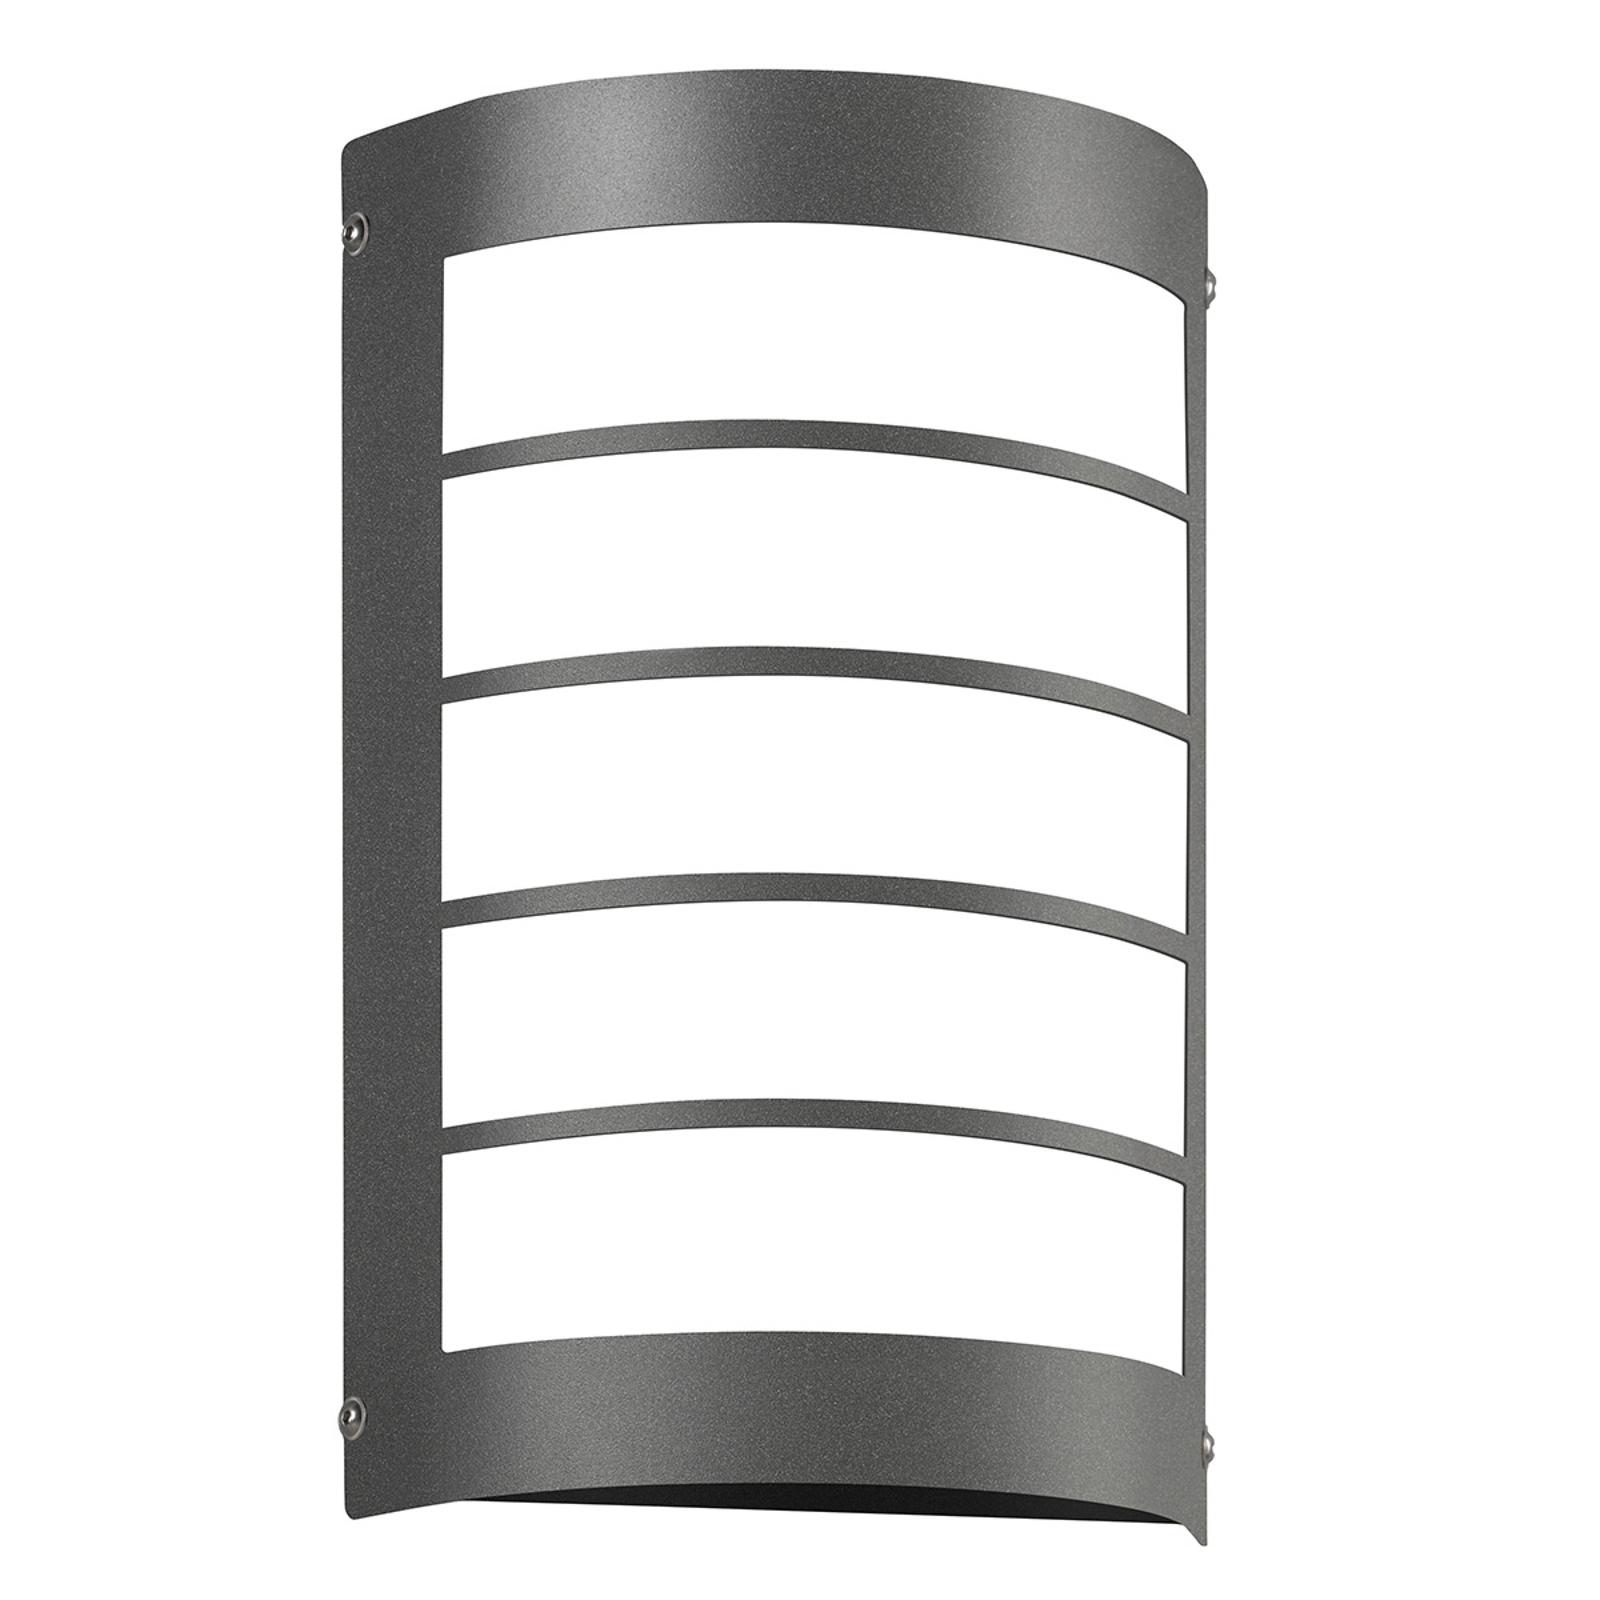 LED-Außenlampe Aqua Marco mit Raster, anthrazit